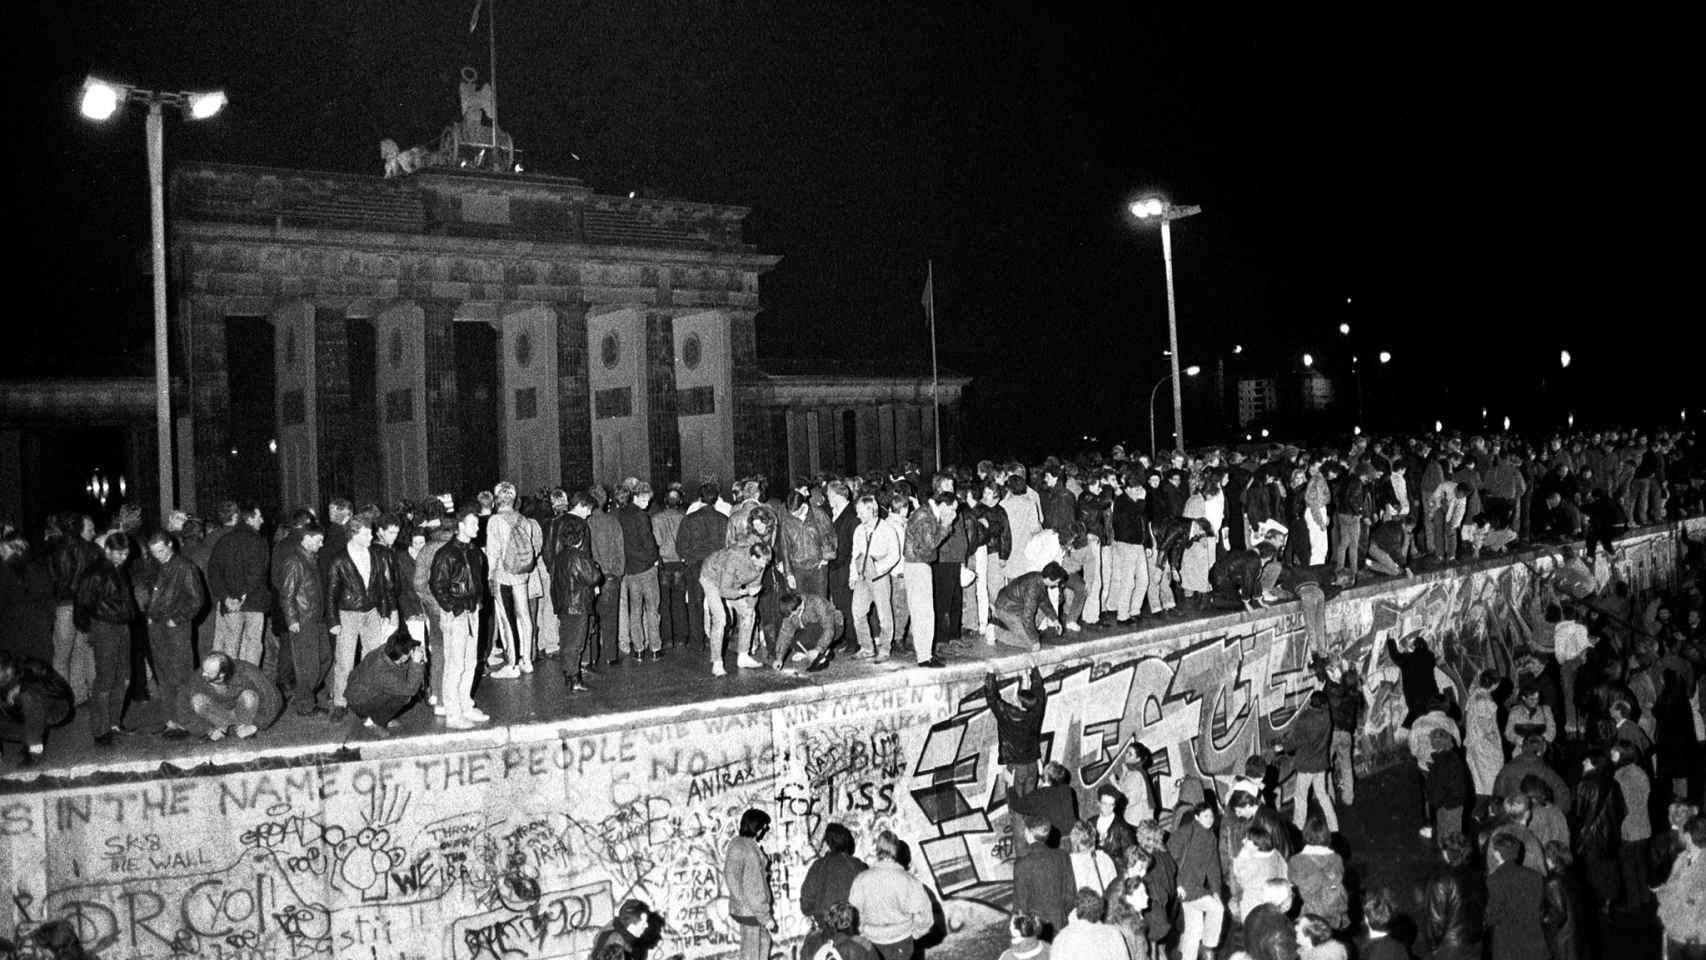 Los ciudadanos celebran la apertura de fronteras delante de la puerta de Brandeburgo.